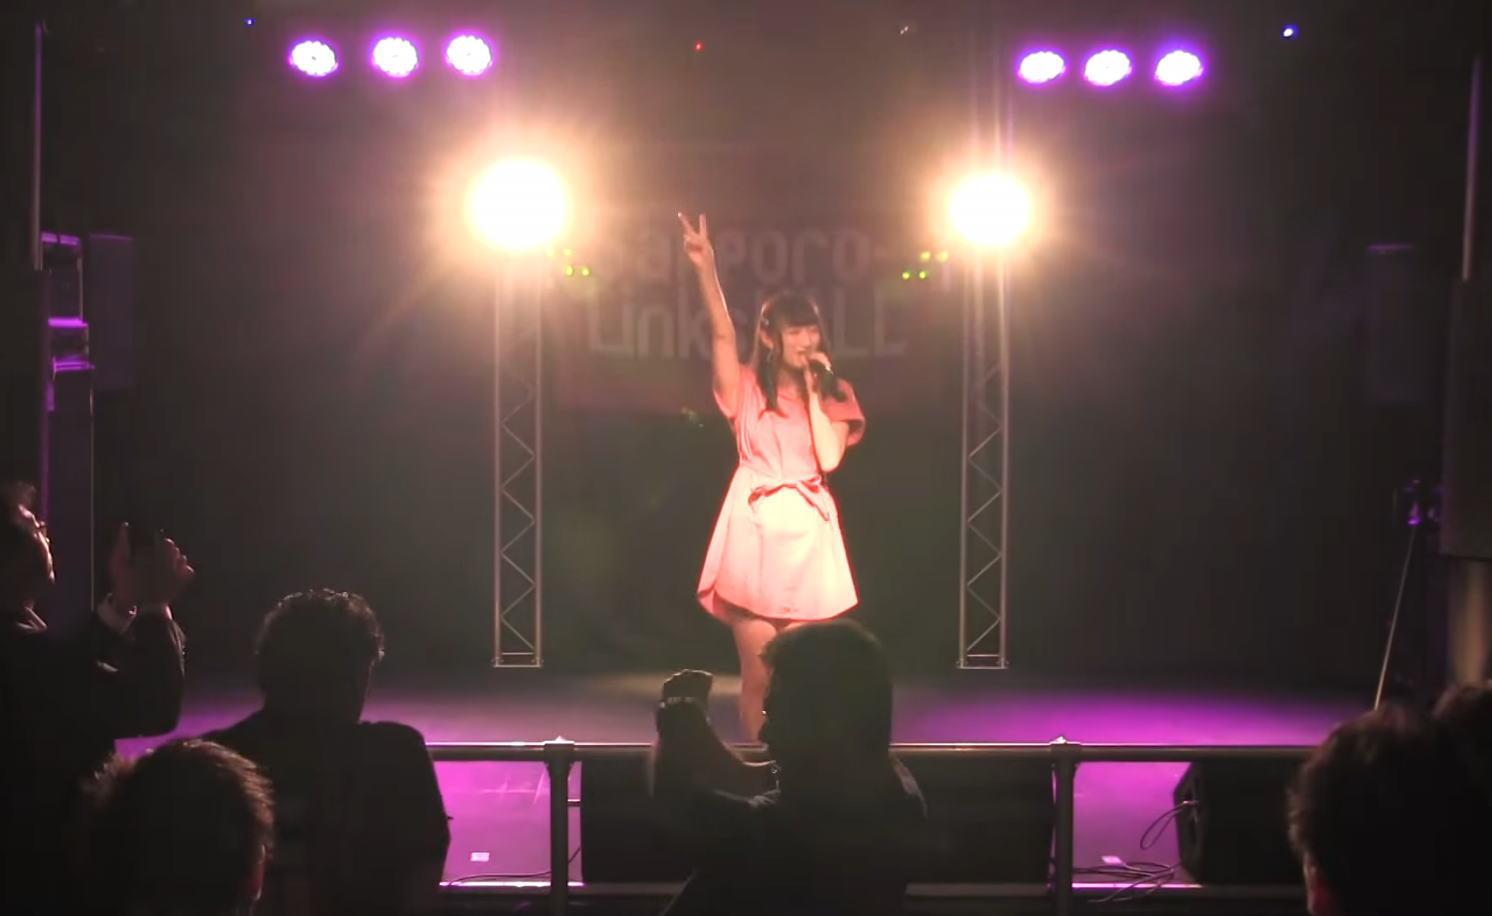 信野樹奈ソロ公演 2019.2.27